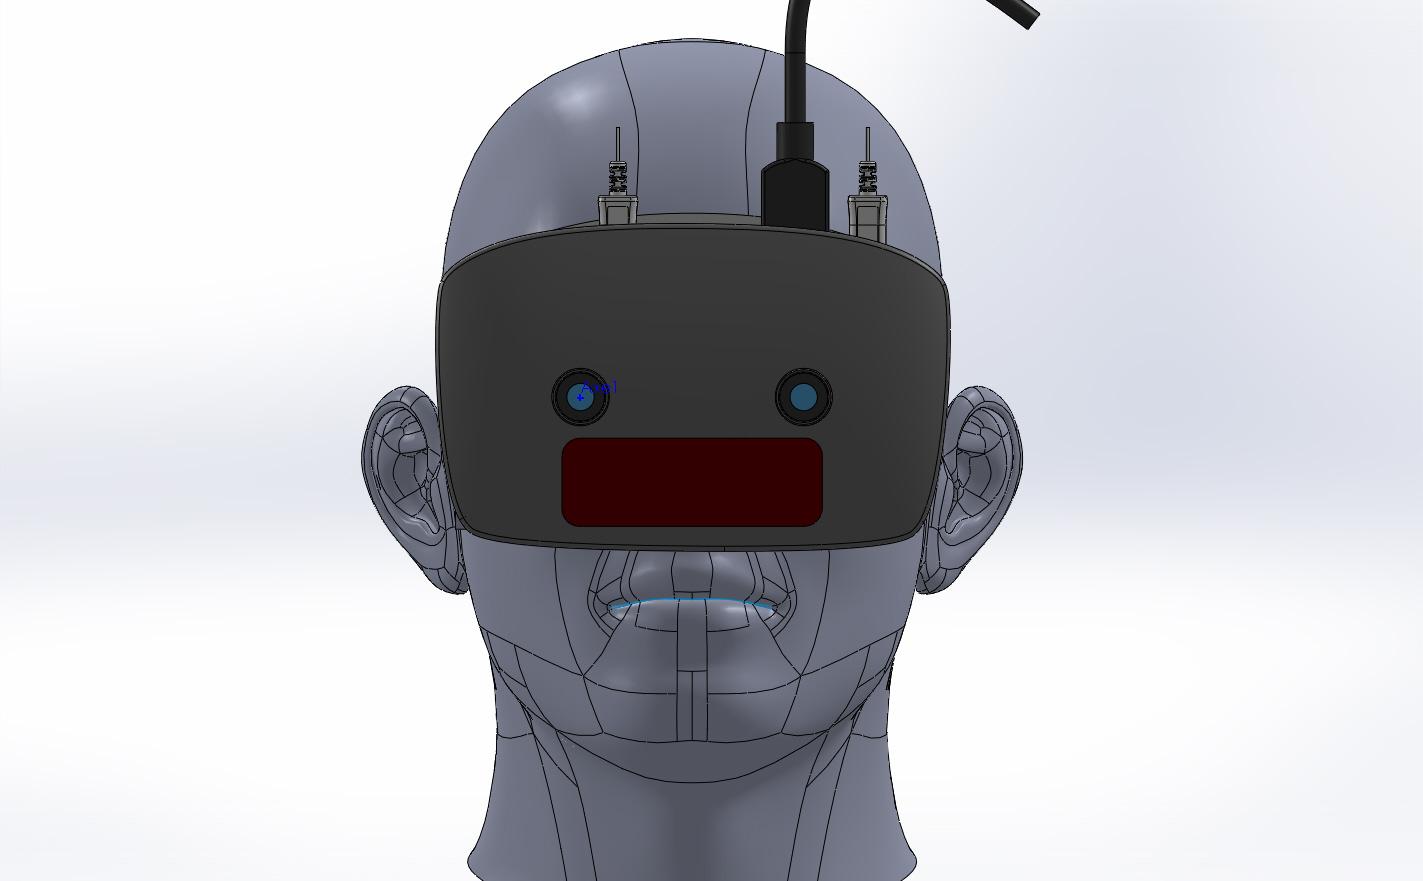 Modélisation 3D du produit, avec ses deux caméras et son capteur Leapmotion